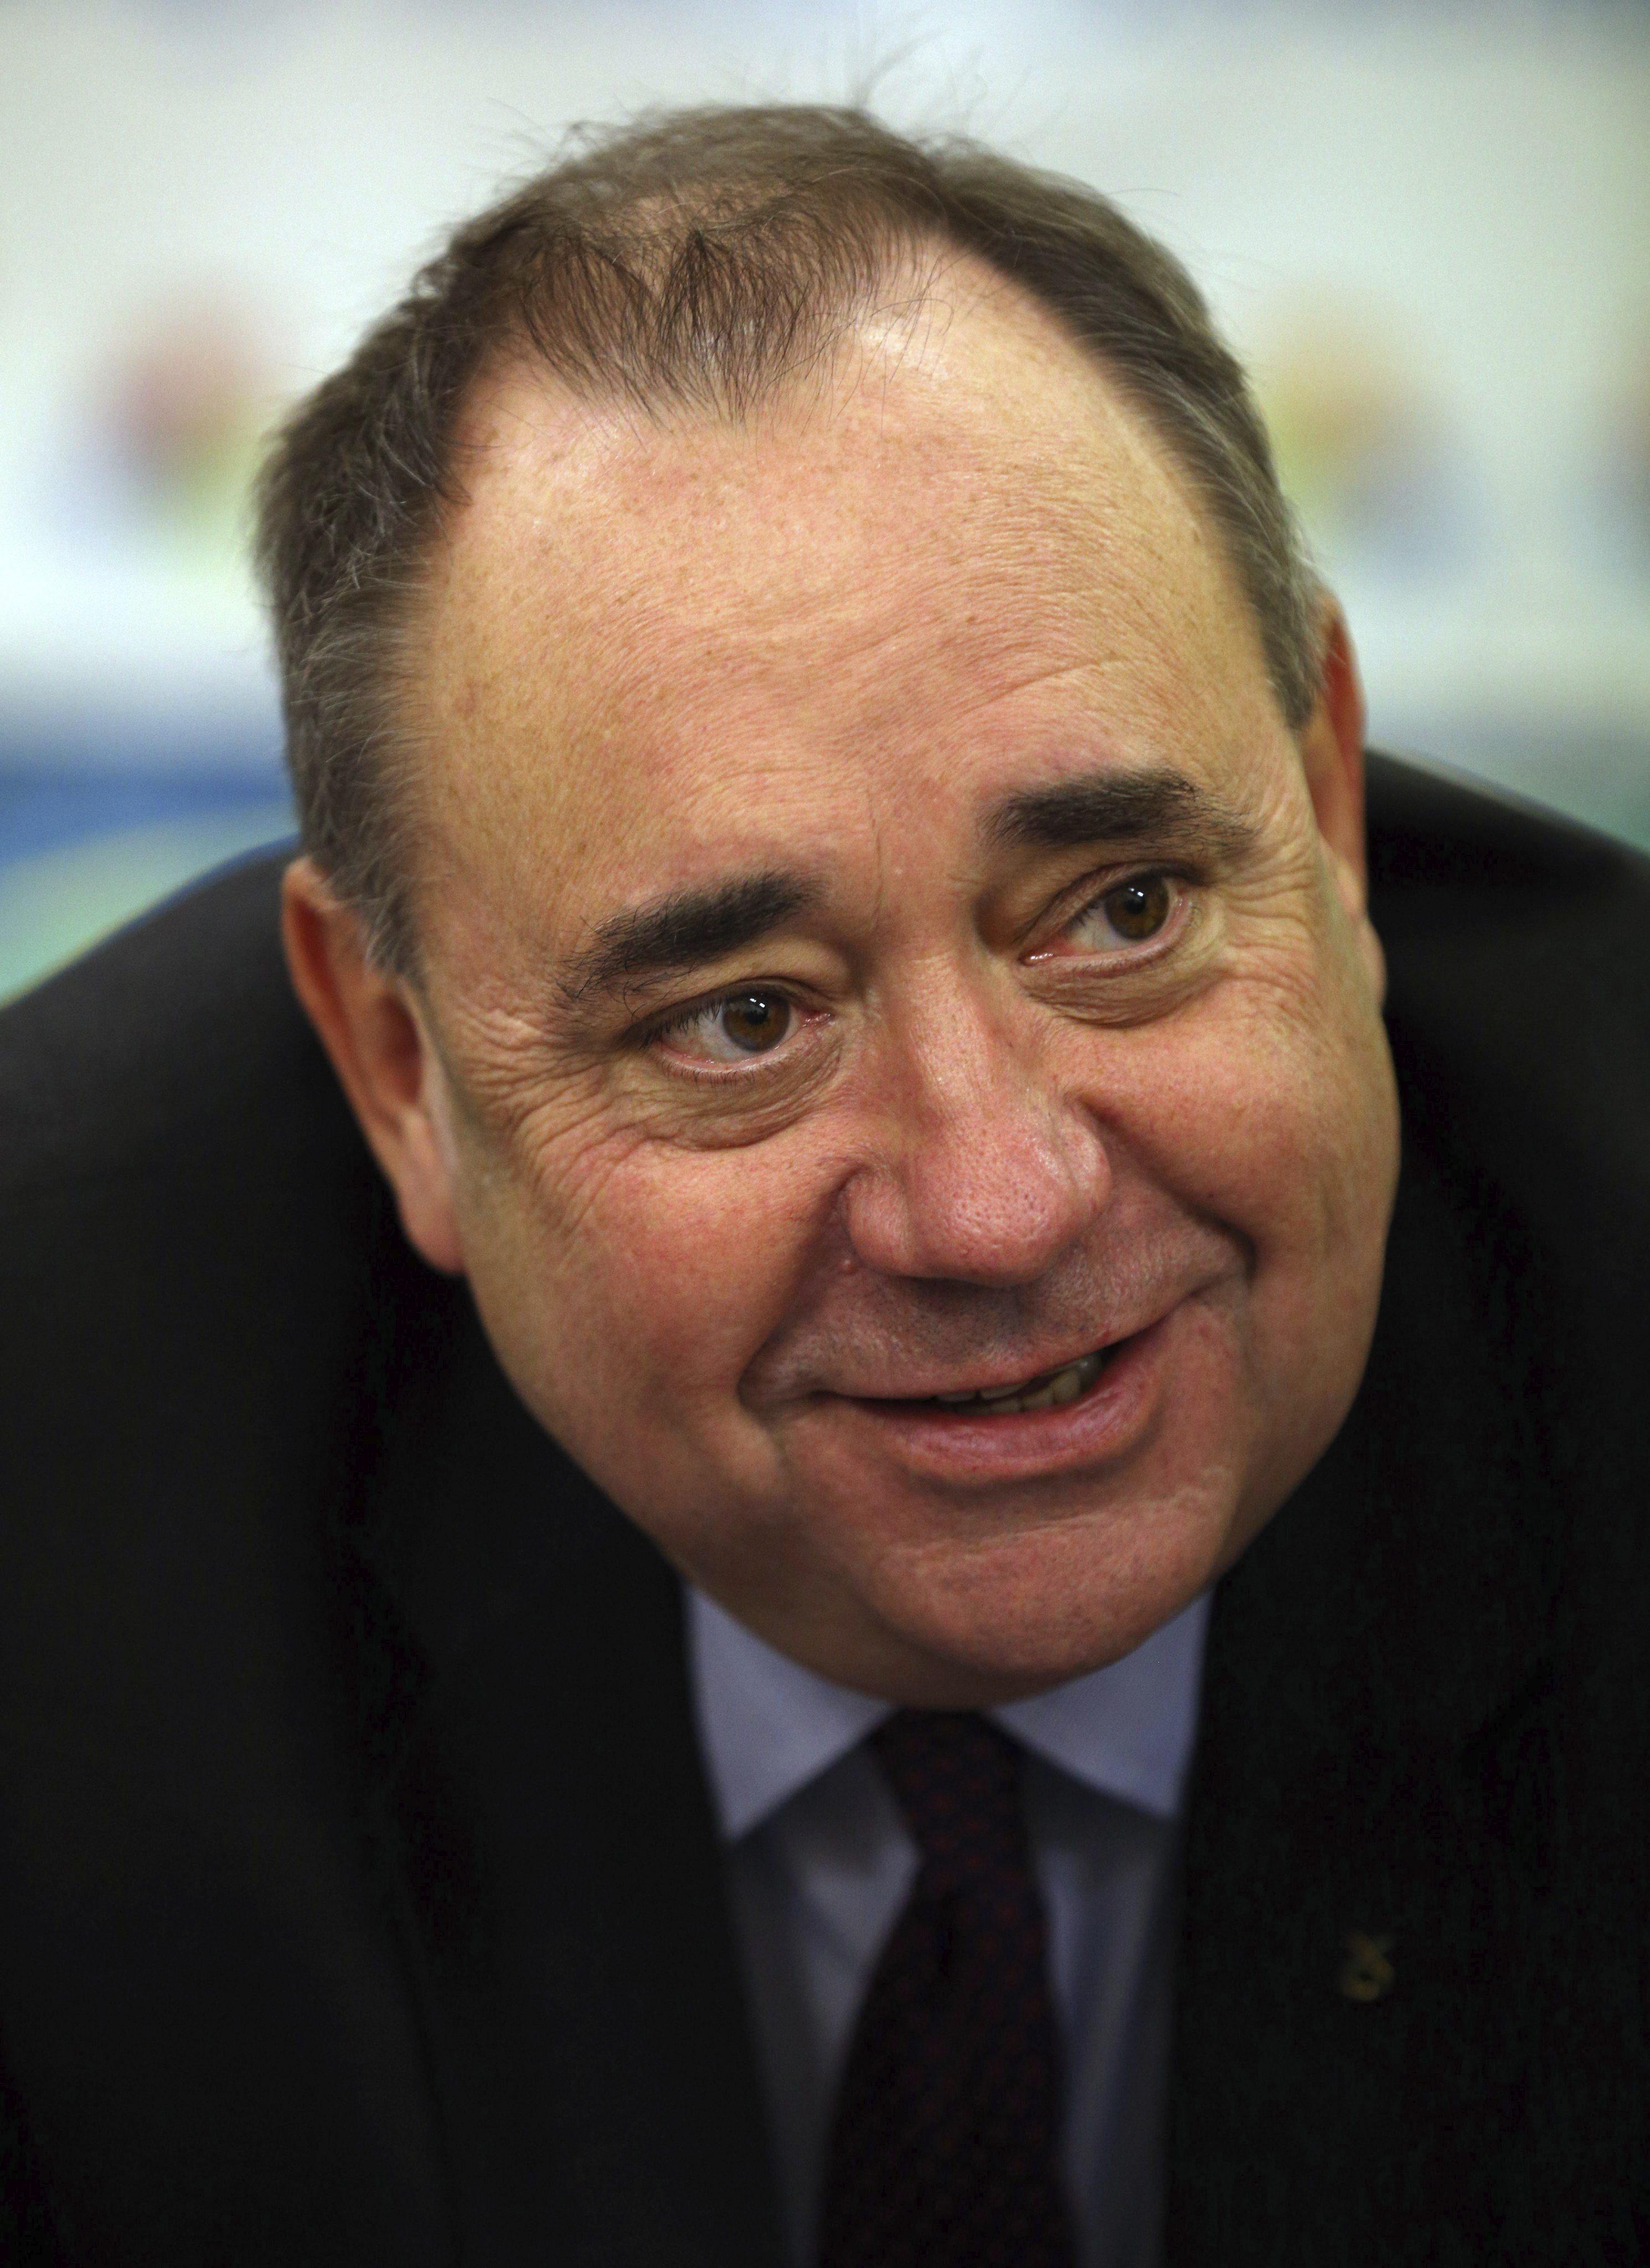 Salmond inaugura el congreso de su partido con llamamiento a la independencia